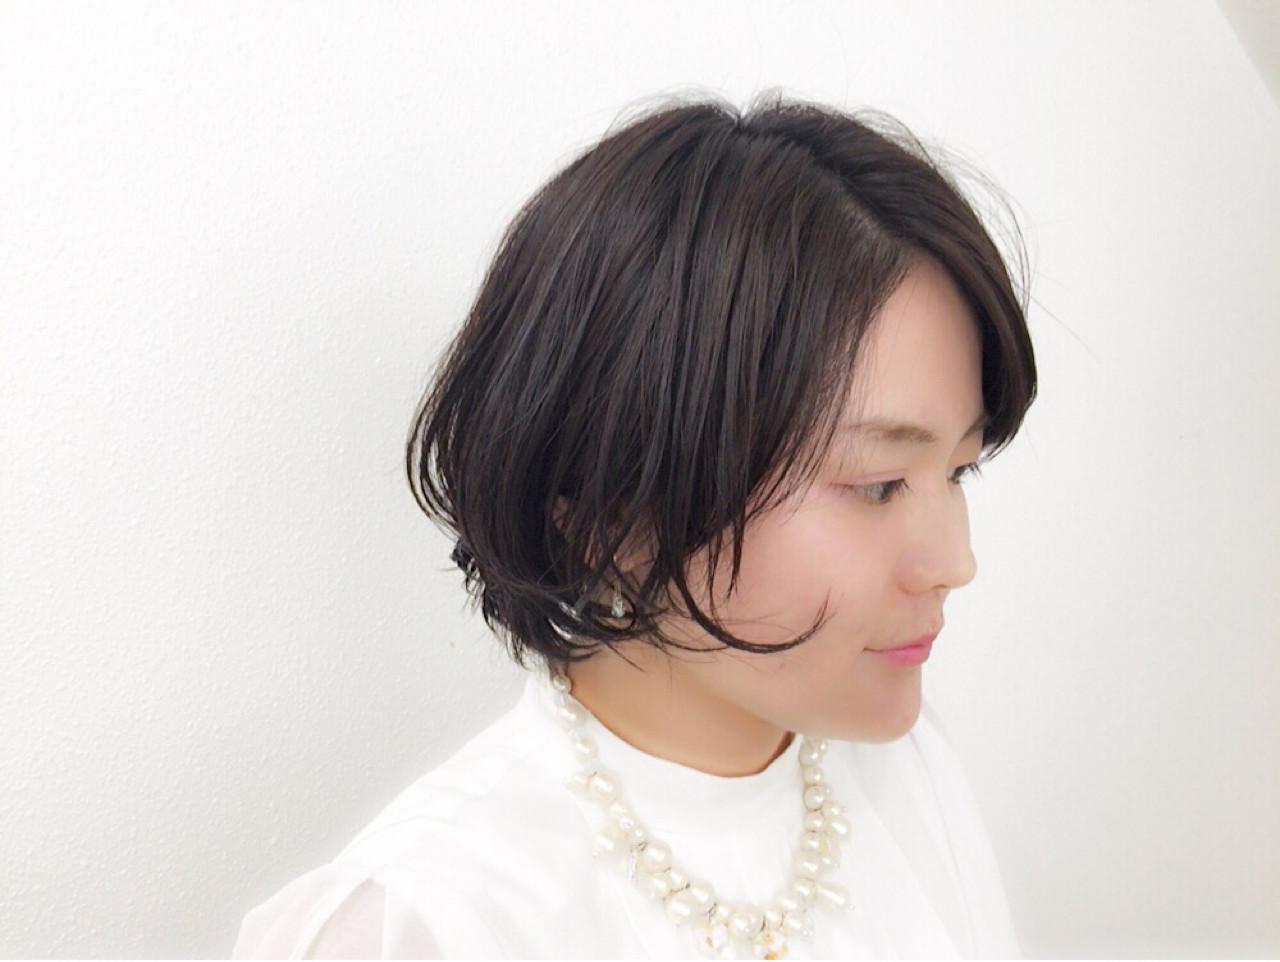 レイヤーカットで顔周りに動きをプラス♪ Taniguchi Yukiko | HEART